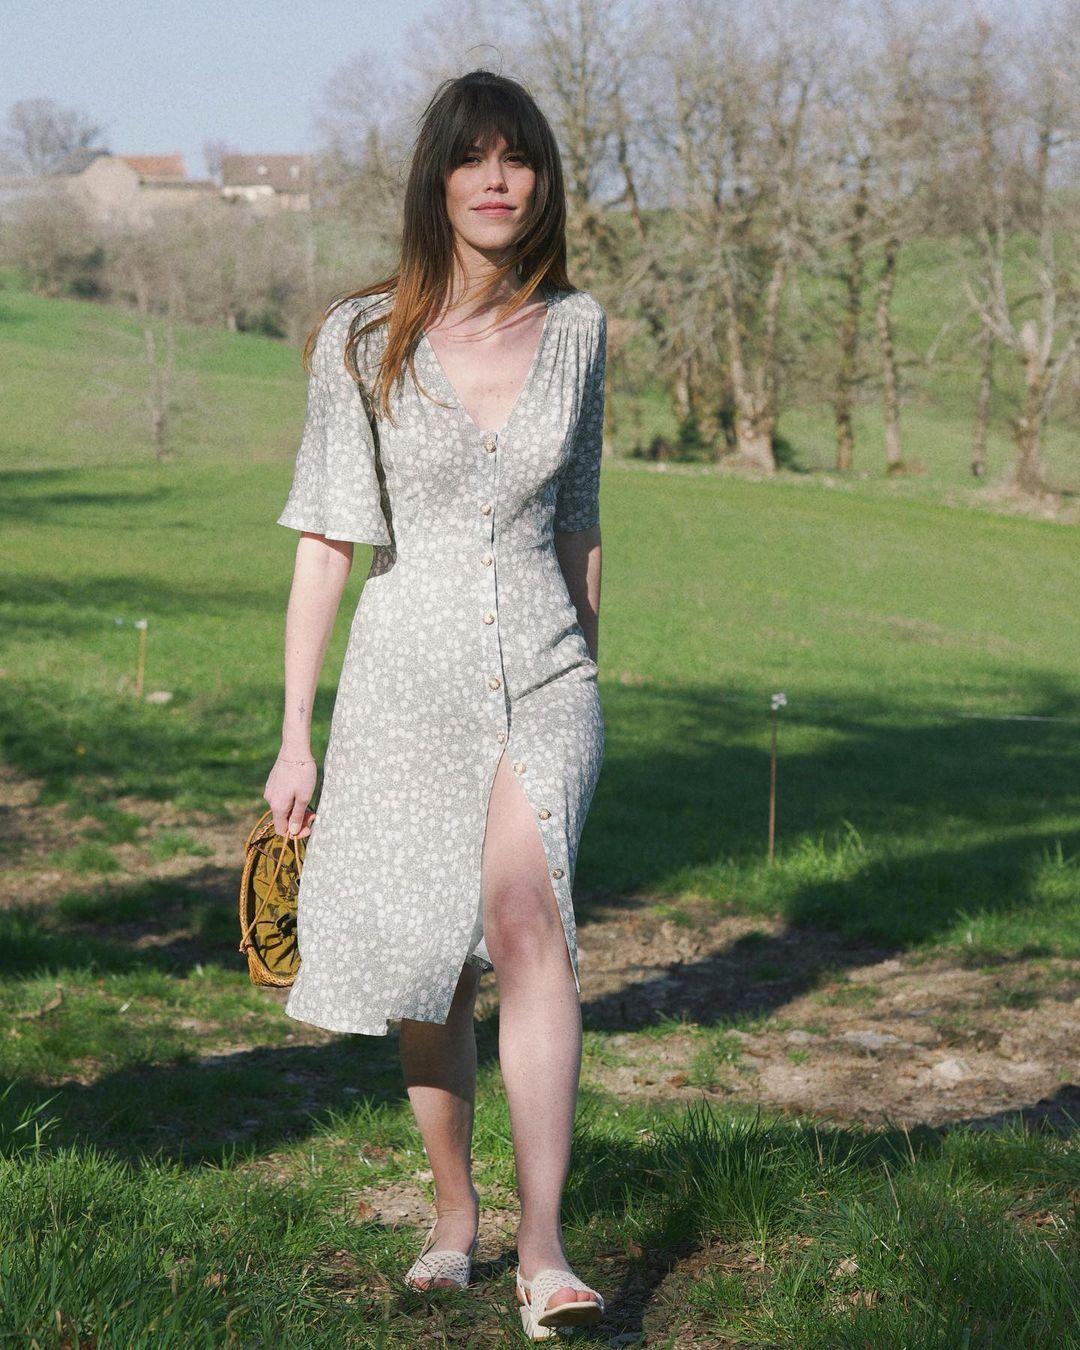 5 mẫu váy gái Pháp đang diện Xuân - Hè nhiều nhất: Kiểu nào mặc lên cũng 'auto' trẻ, xinh 002